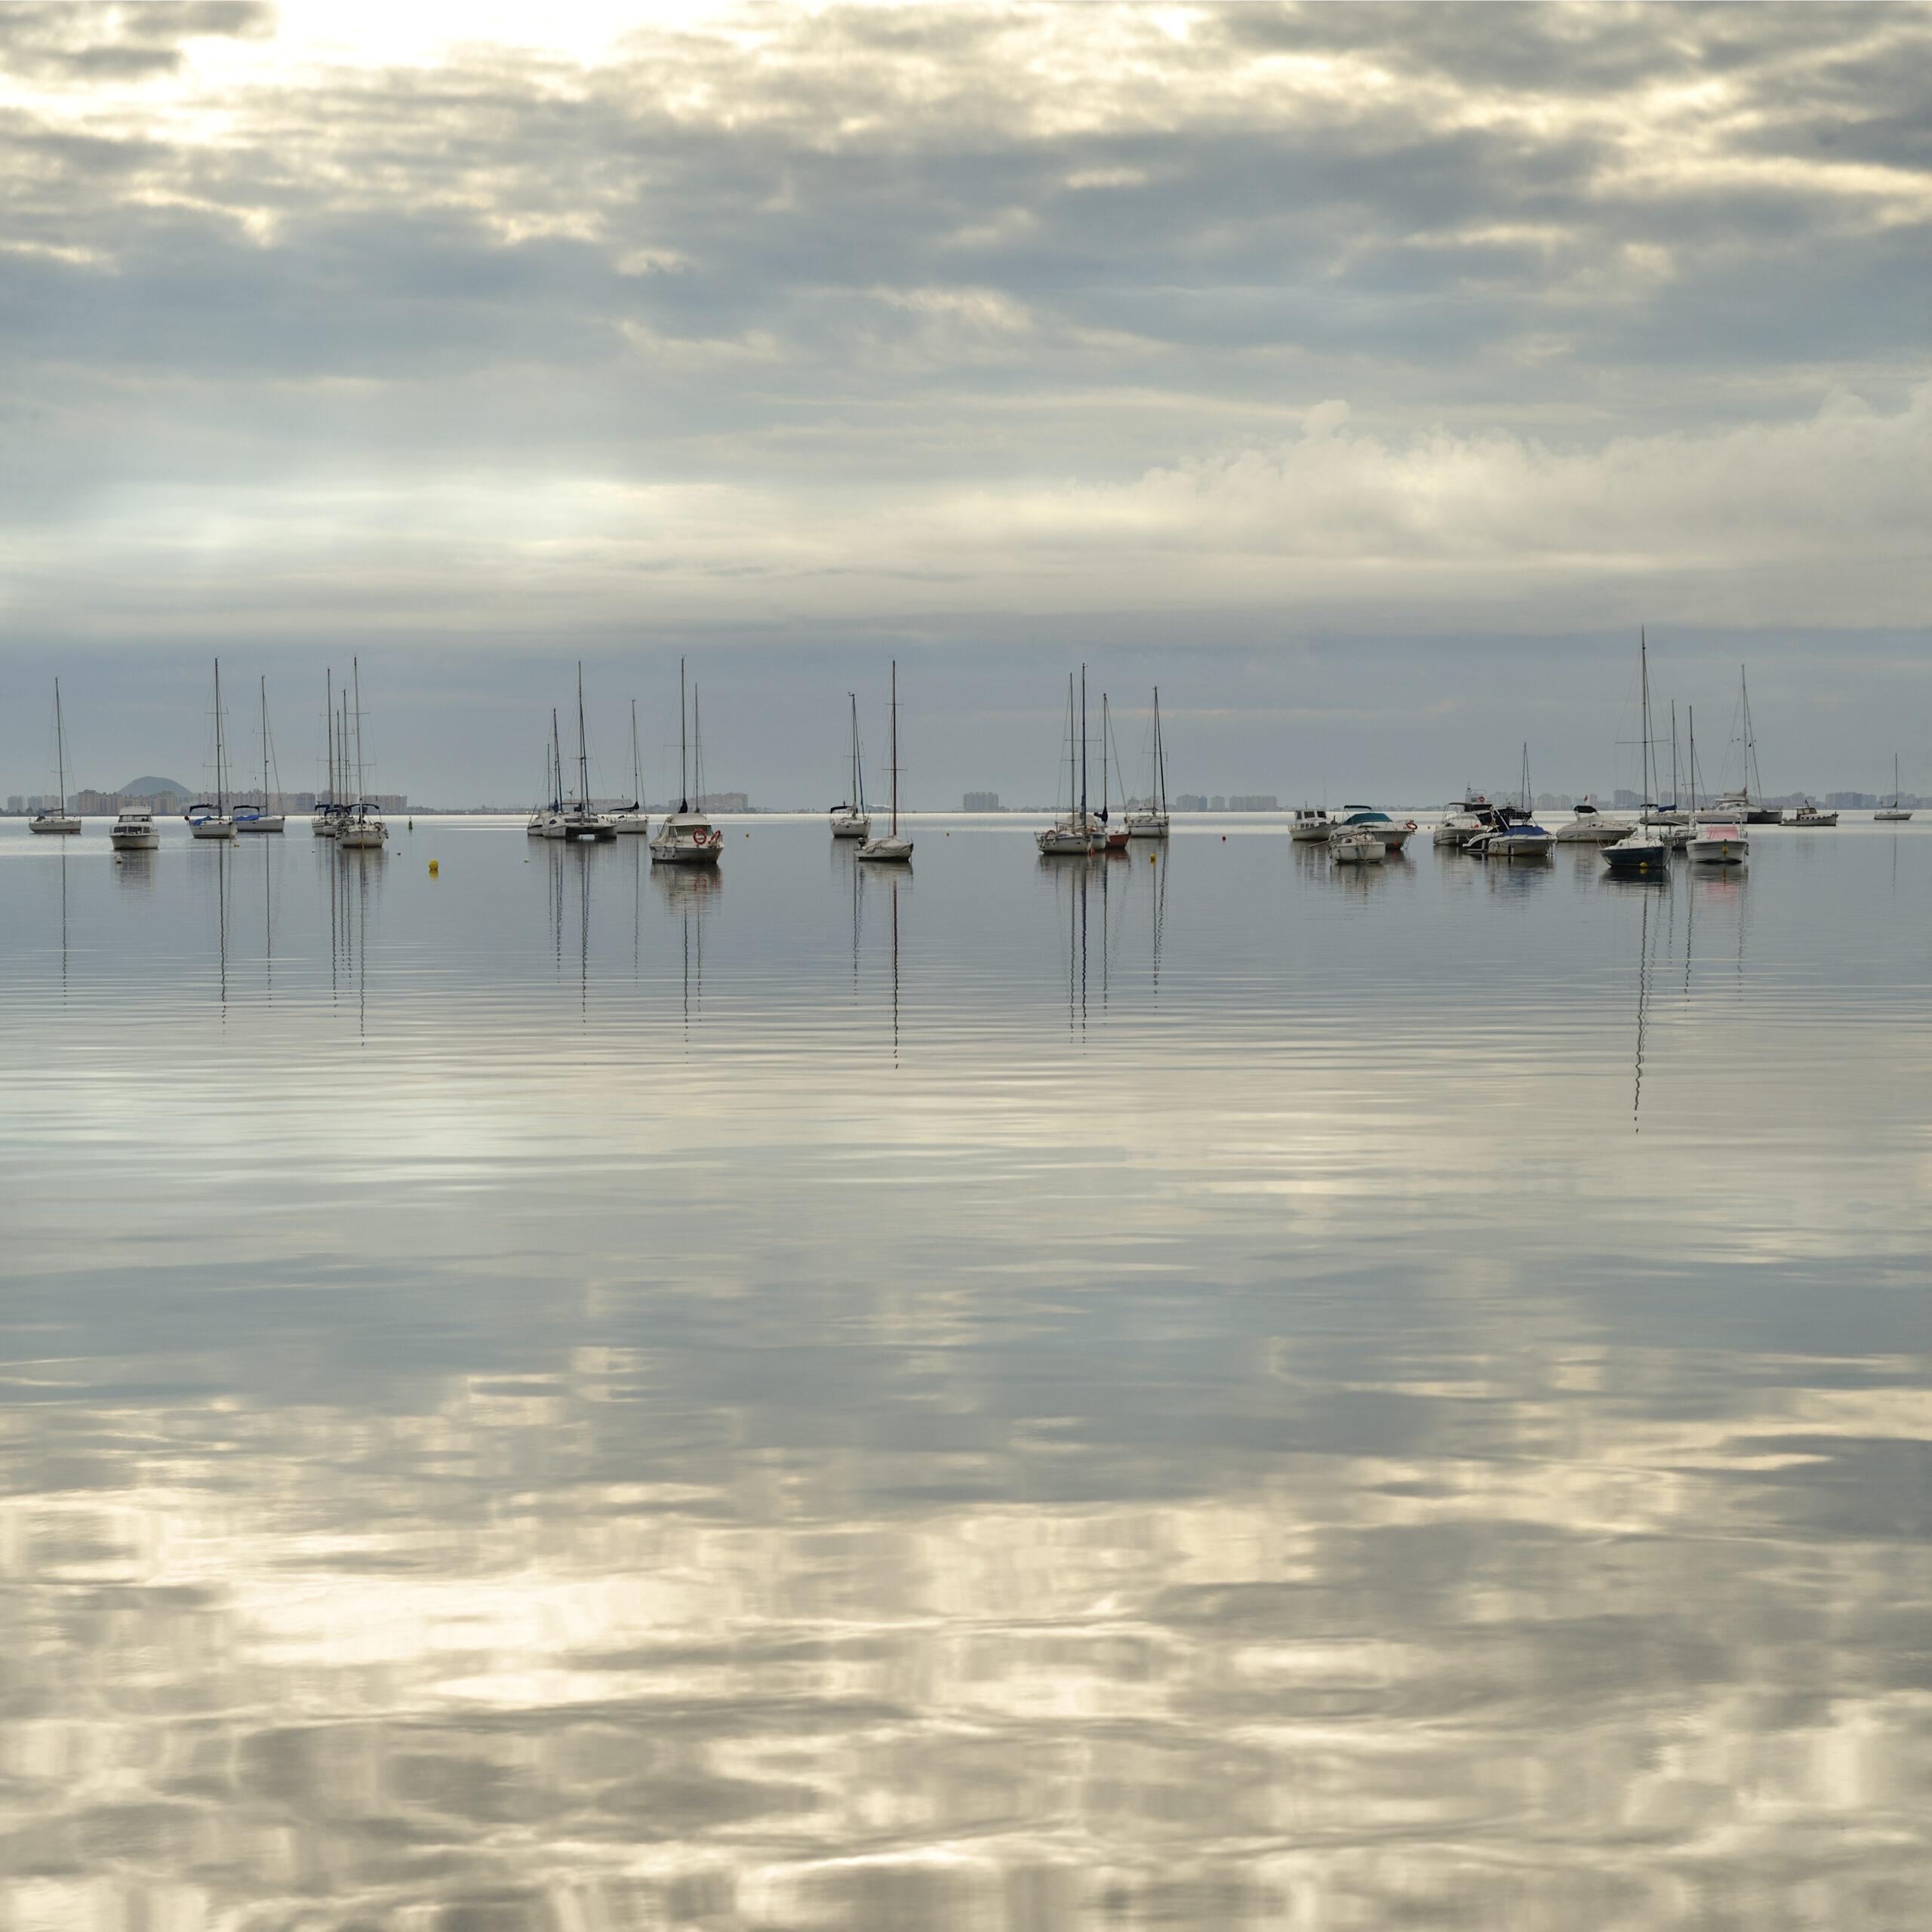 Embarcaciones deportivas en un día sin viento.